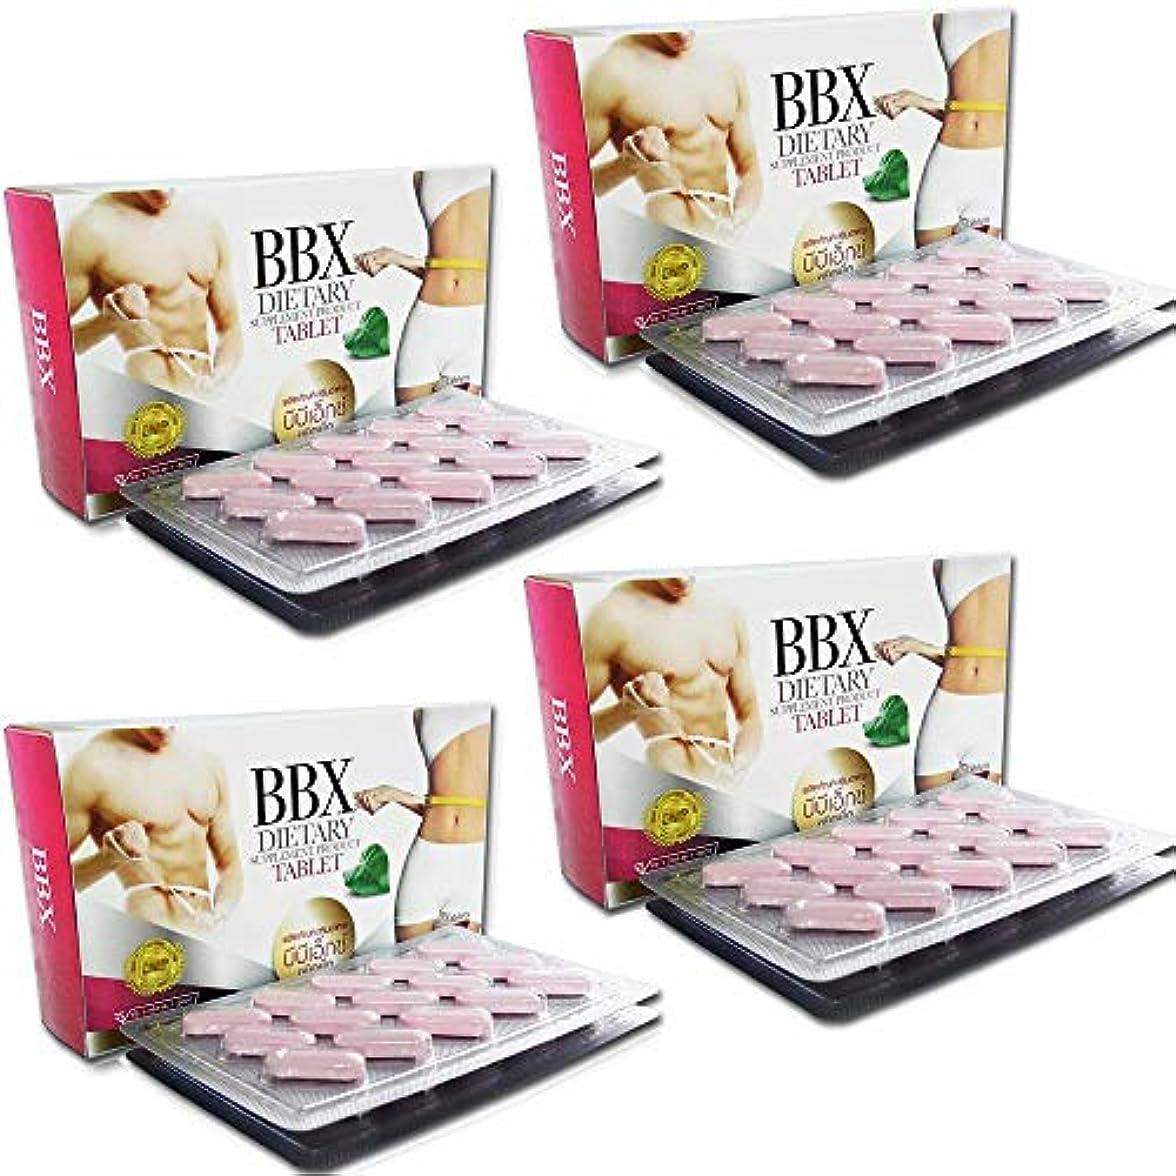 クリニックや医師が推奨するダイエットサプリBBX 公式パンフレット&説明書付き 4箱合計120錠